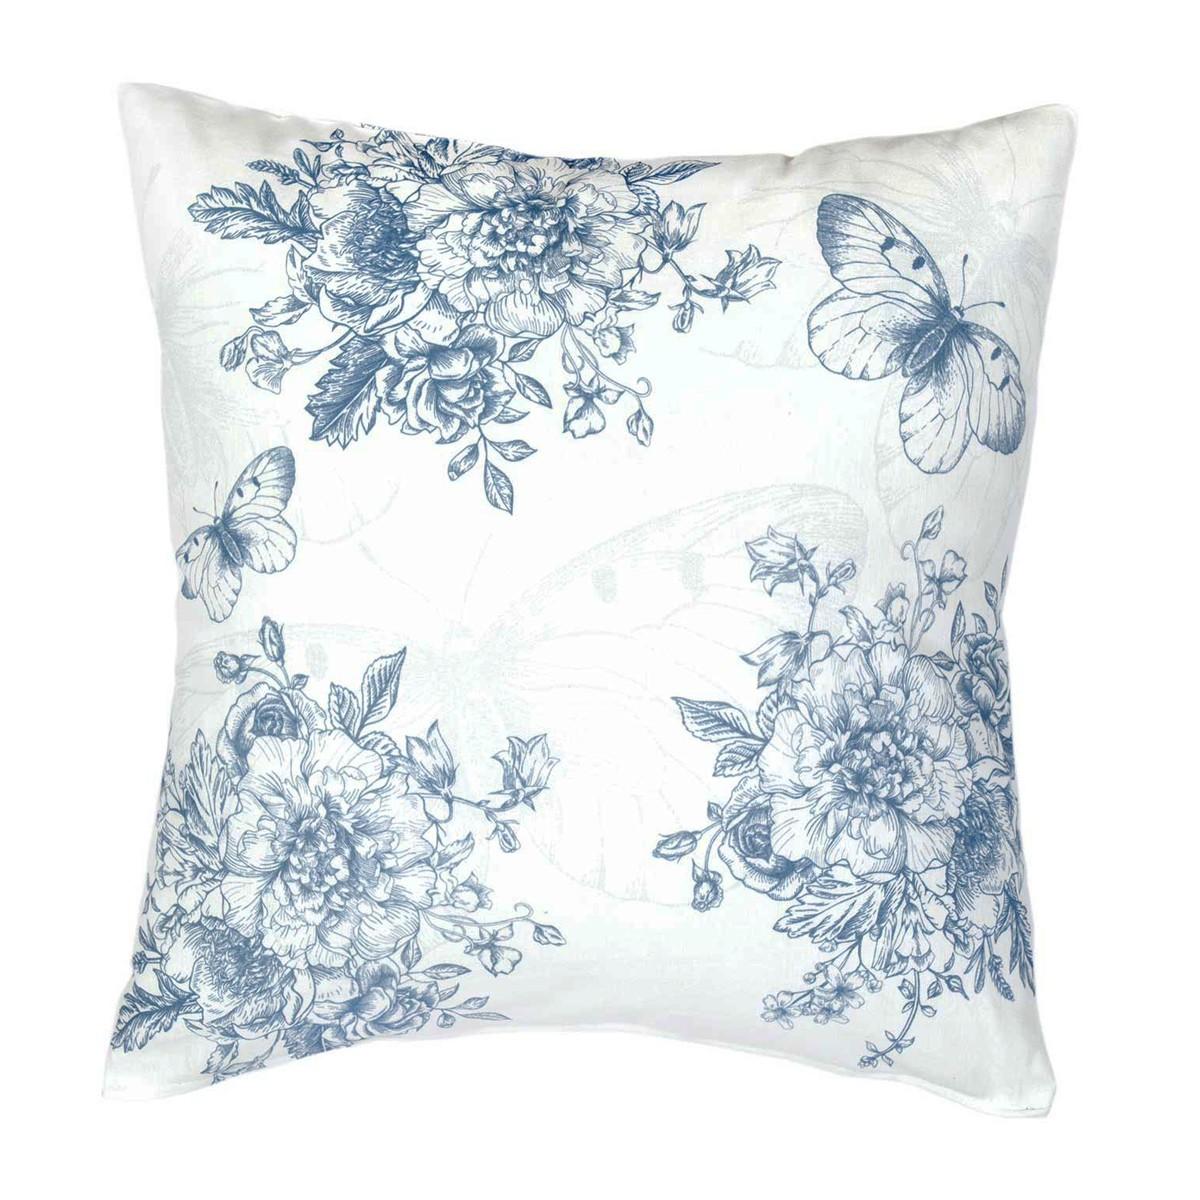 Διακοσμητική Μαξιλαροθήκη Nima Cushions Whitehall Blue